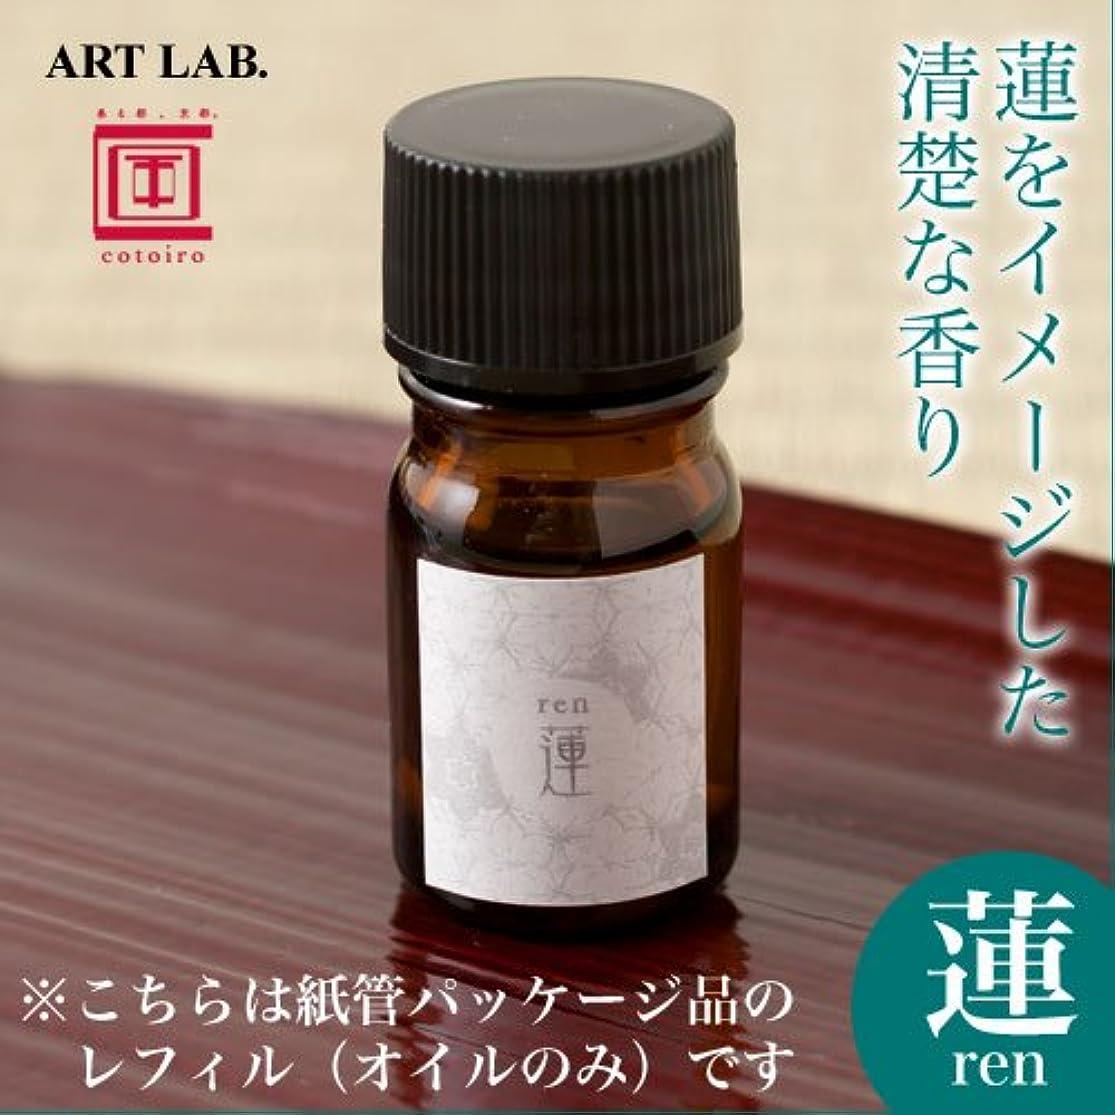 特異な翻訳する不従順ART LAB cotoiro香油蓮 renレフィル